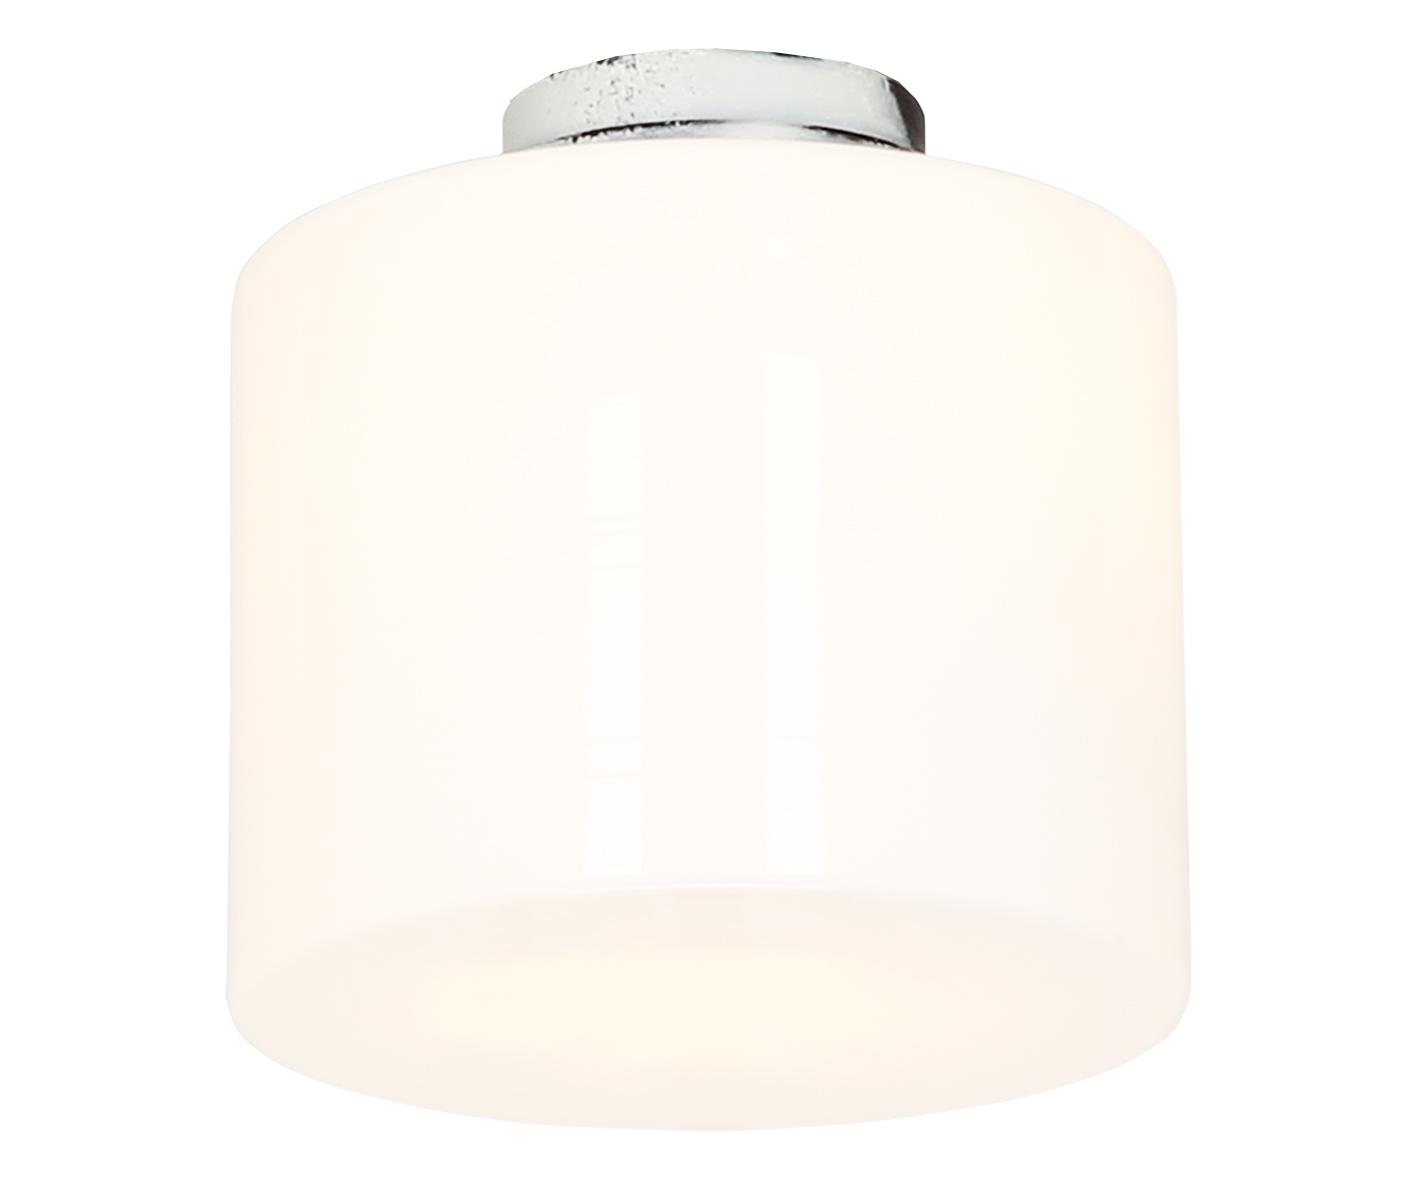 Kit luz 1 b SH 10238 color blanco gastado